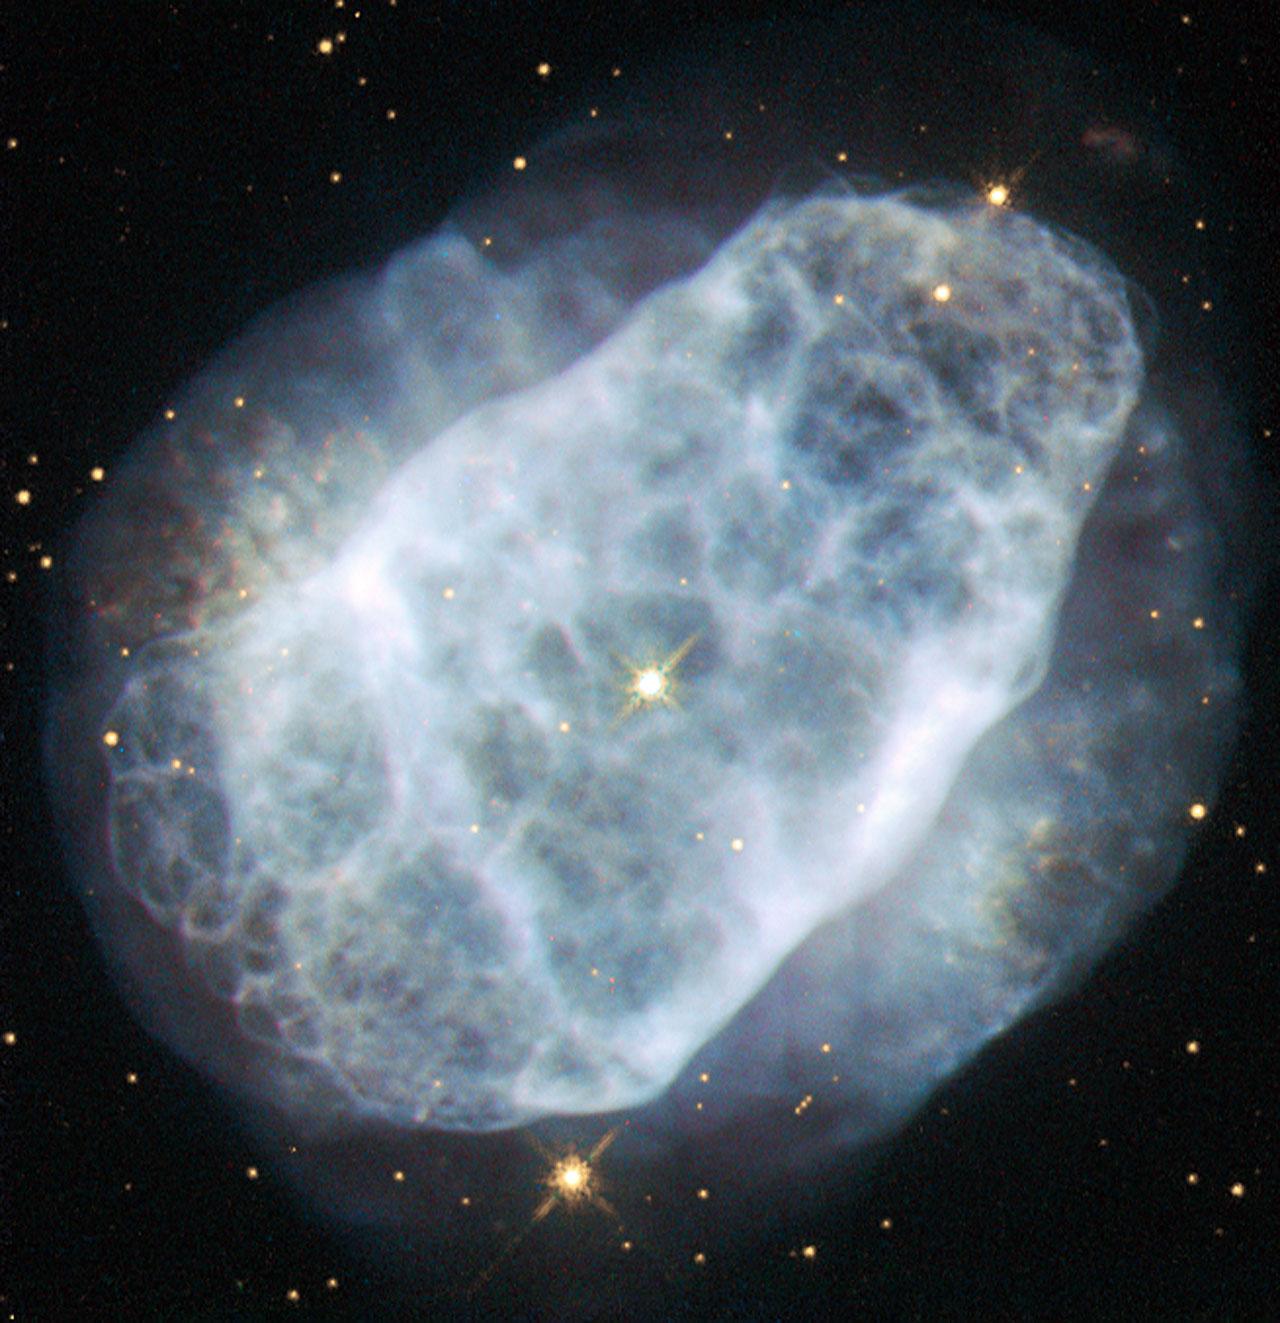 A nitrogen-rich nebula